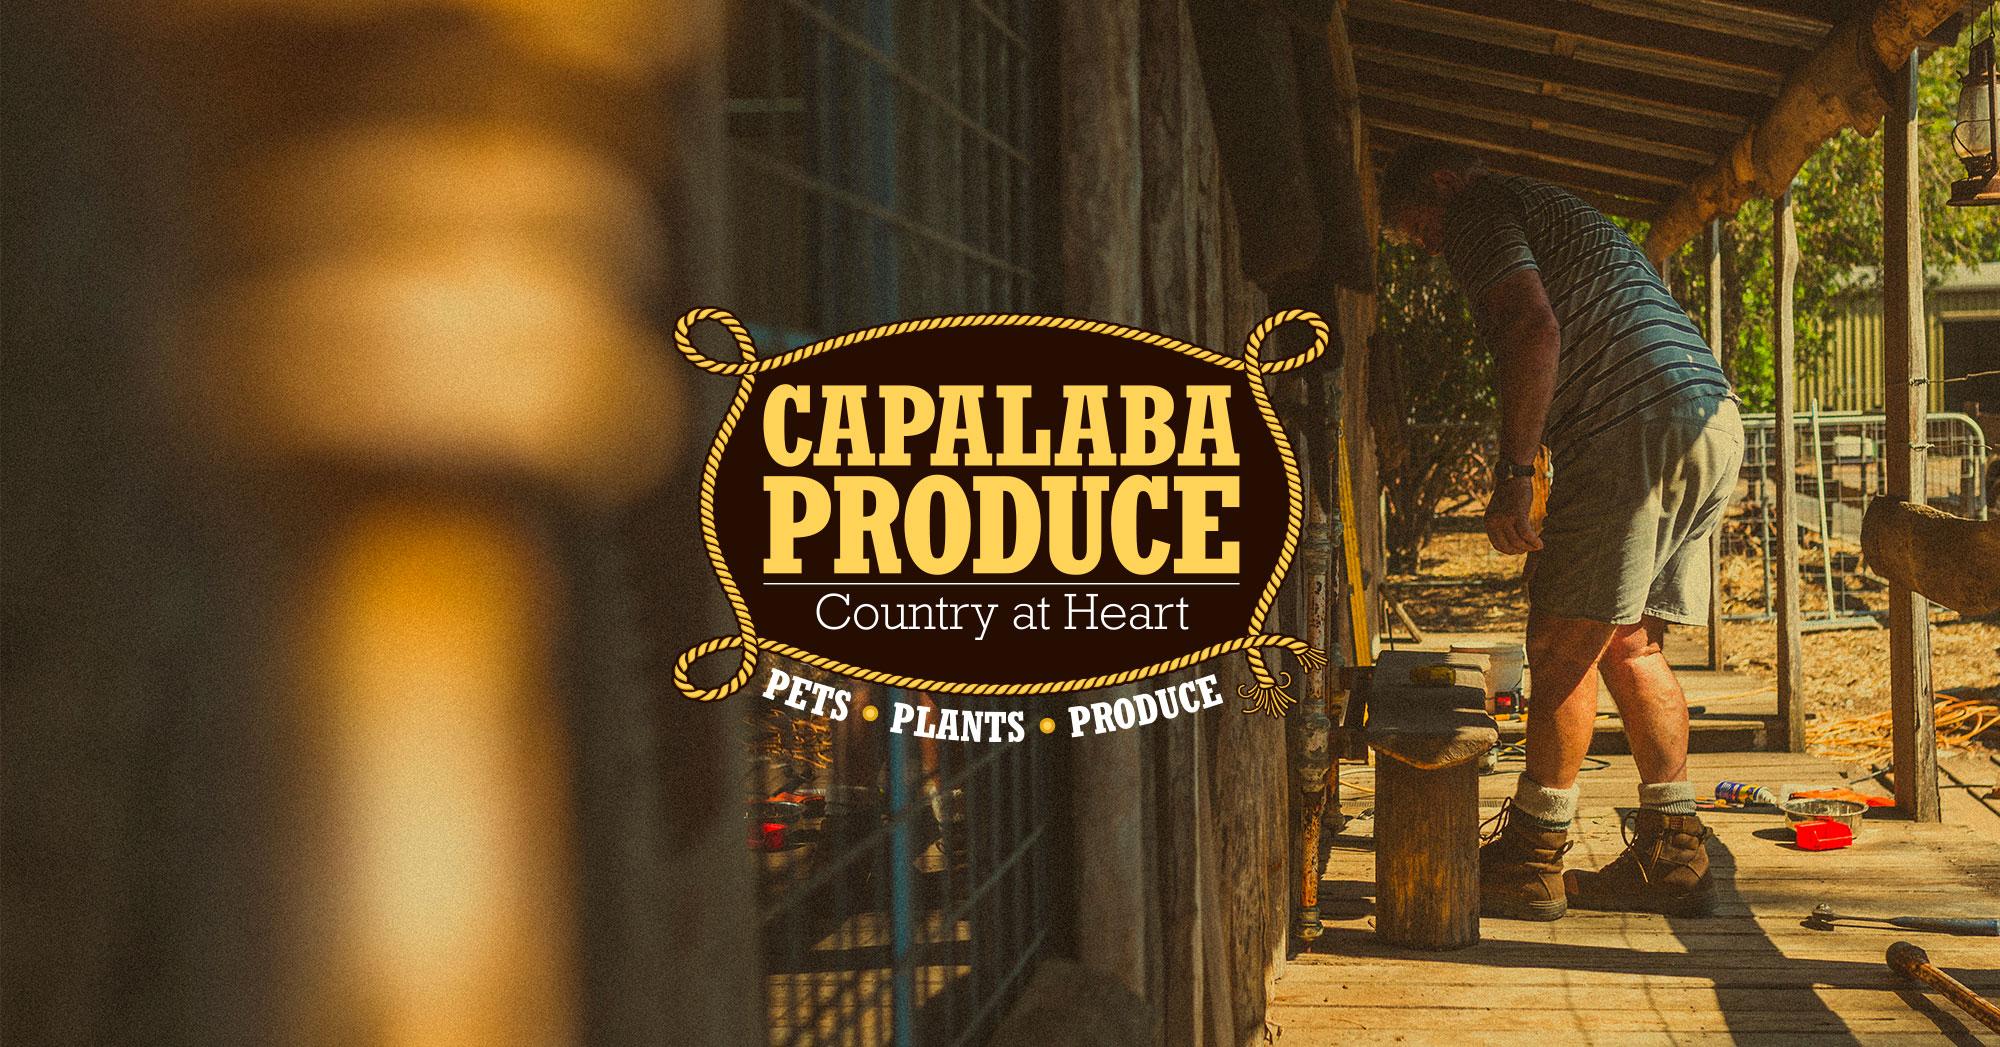 The Shearing Shed at Capalaba Produce